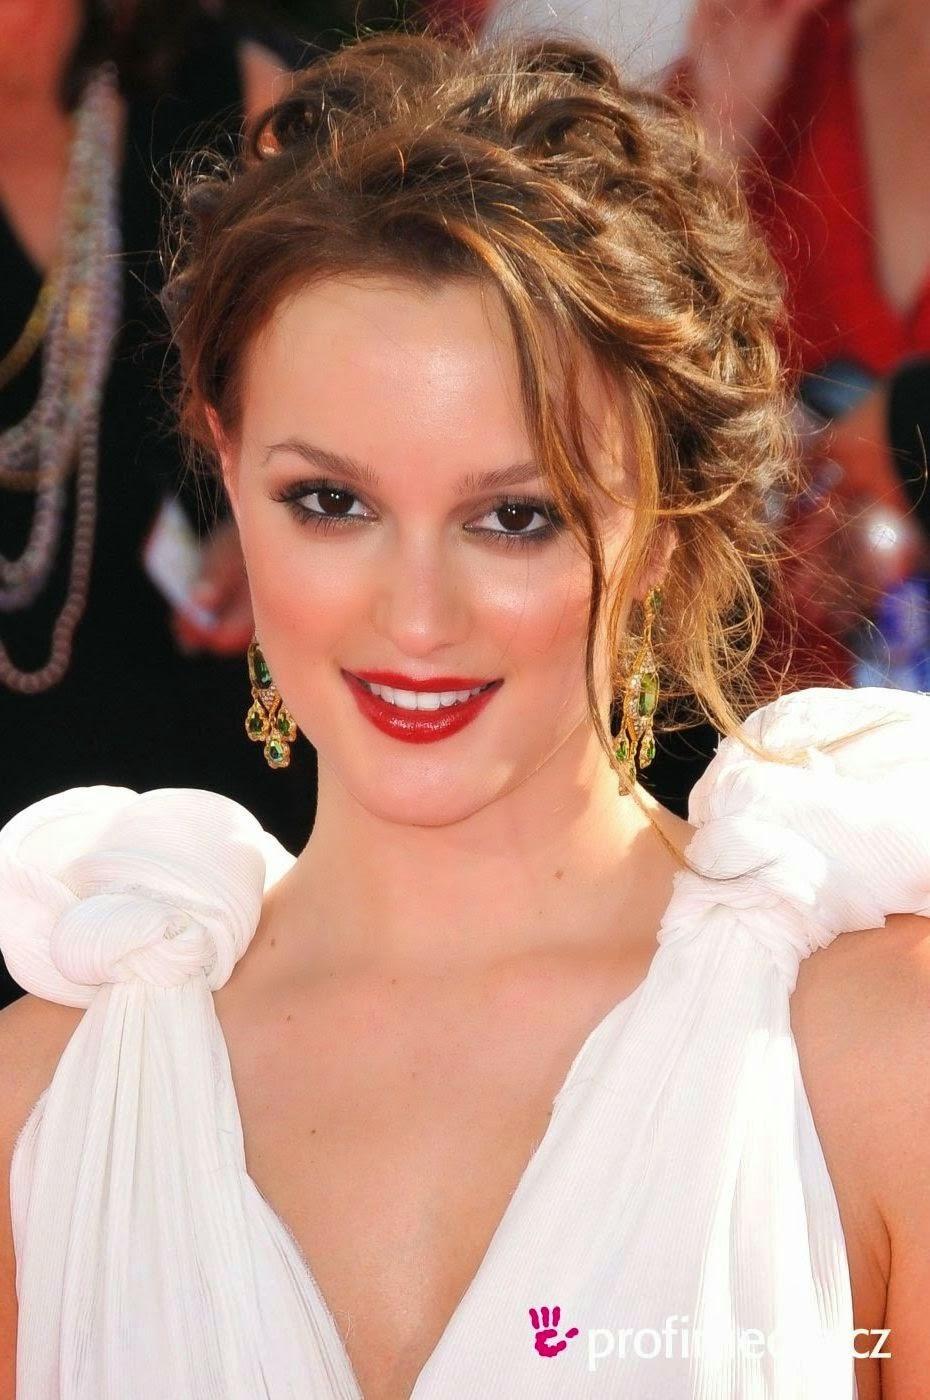 Haar Kapsels Vrouwen Lang Haar - Vrouwen Trendy kapsels voor vrouwen Beauty Libelle